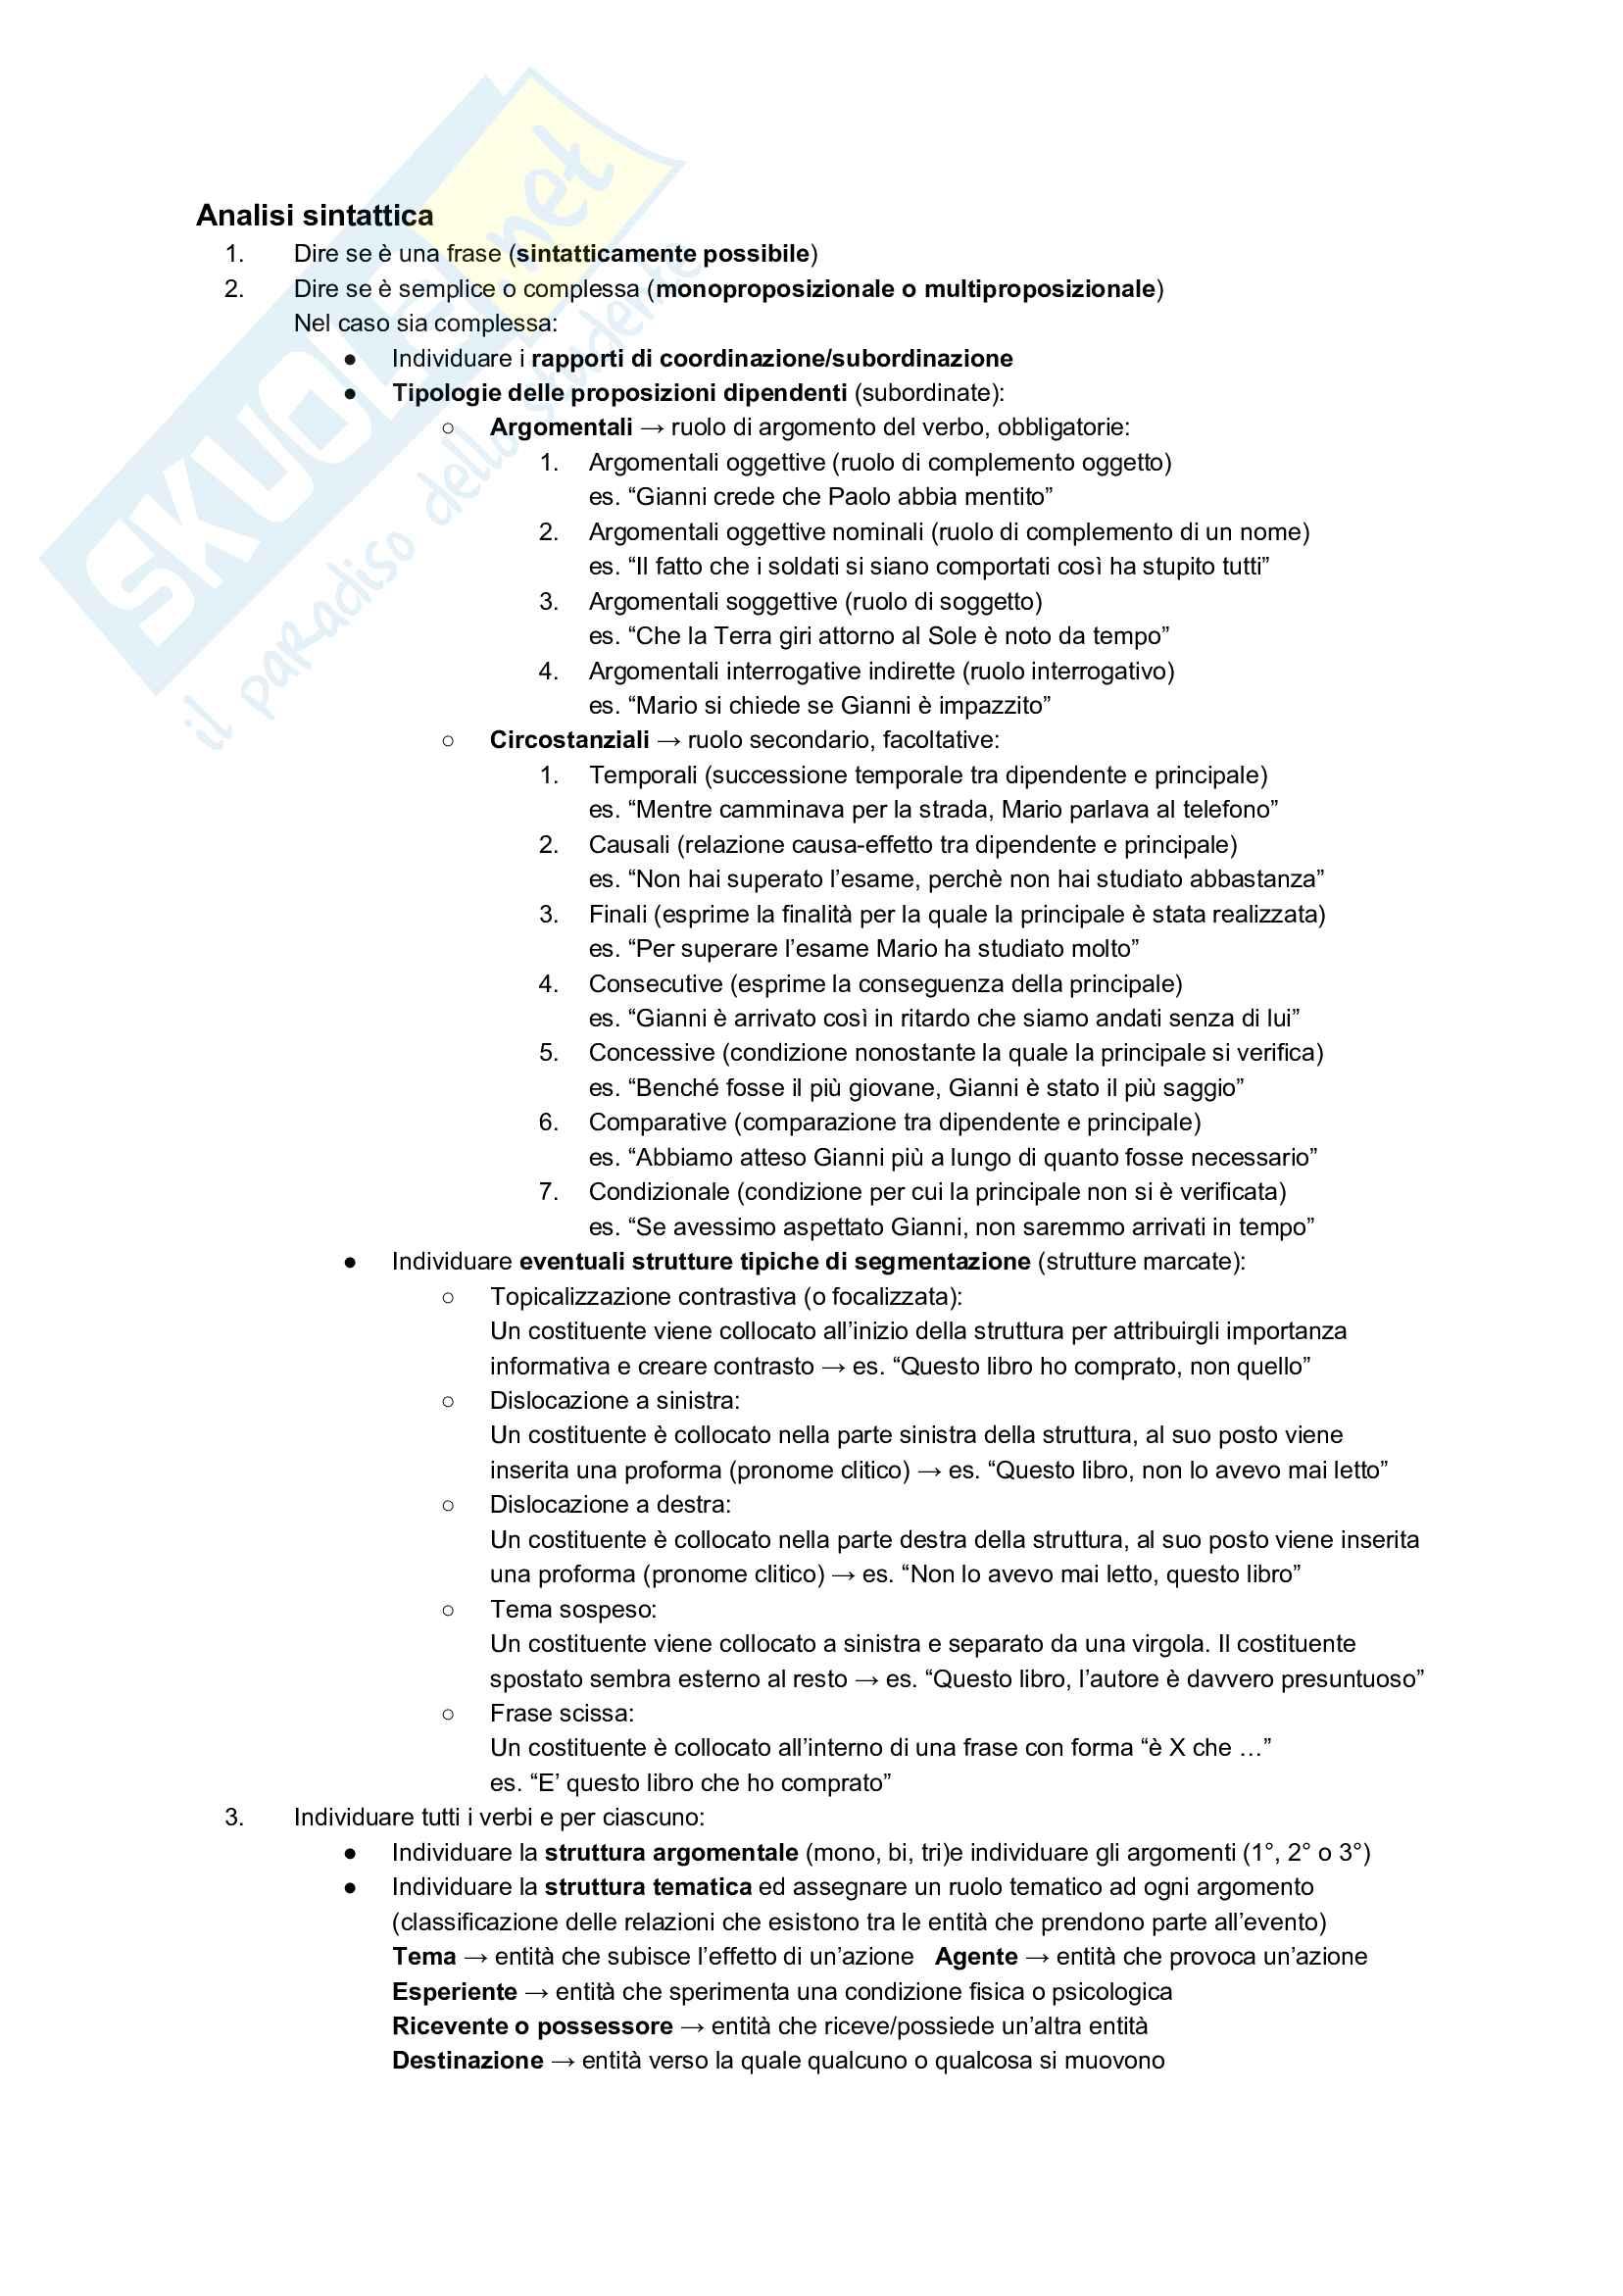 Appunti + Schema Esercizi - Sintassi e Semantica